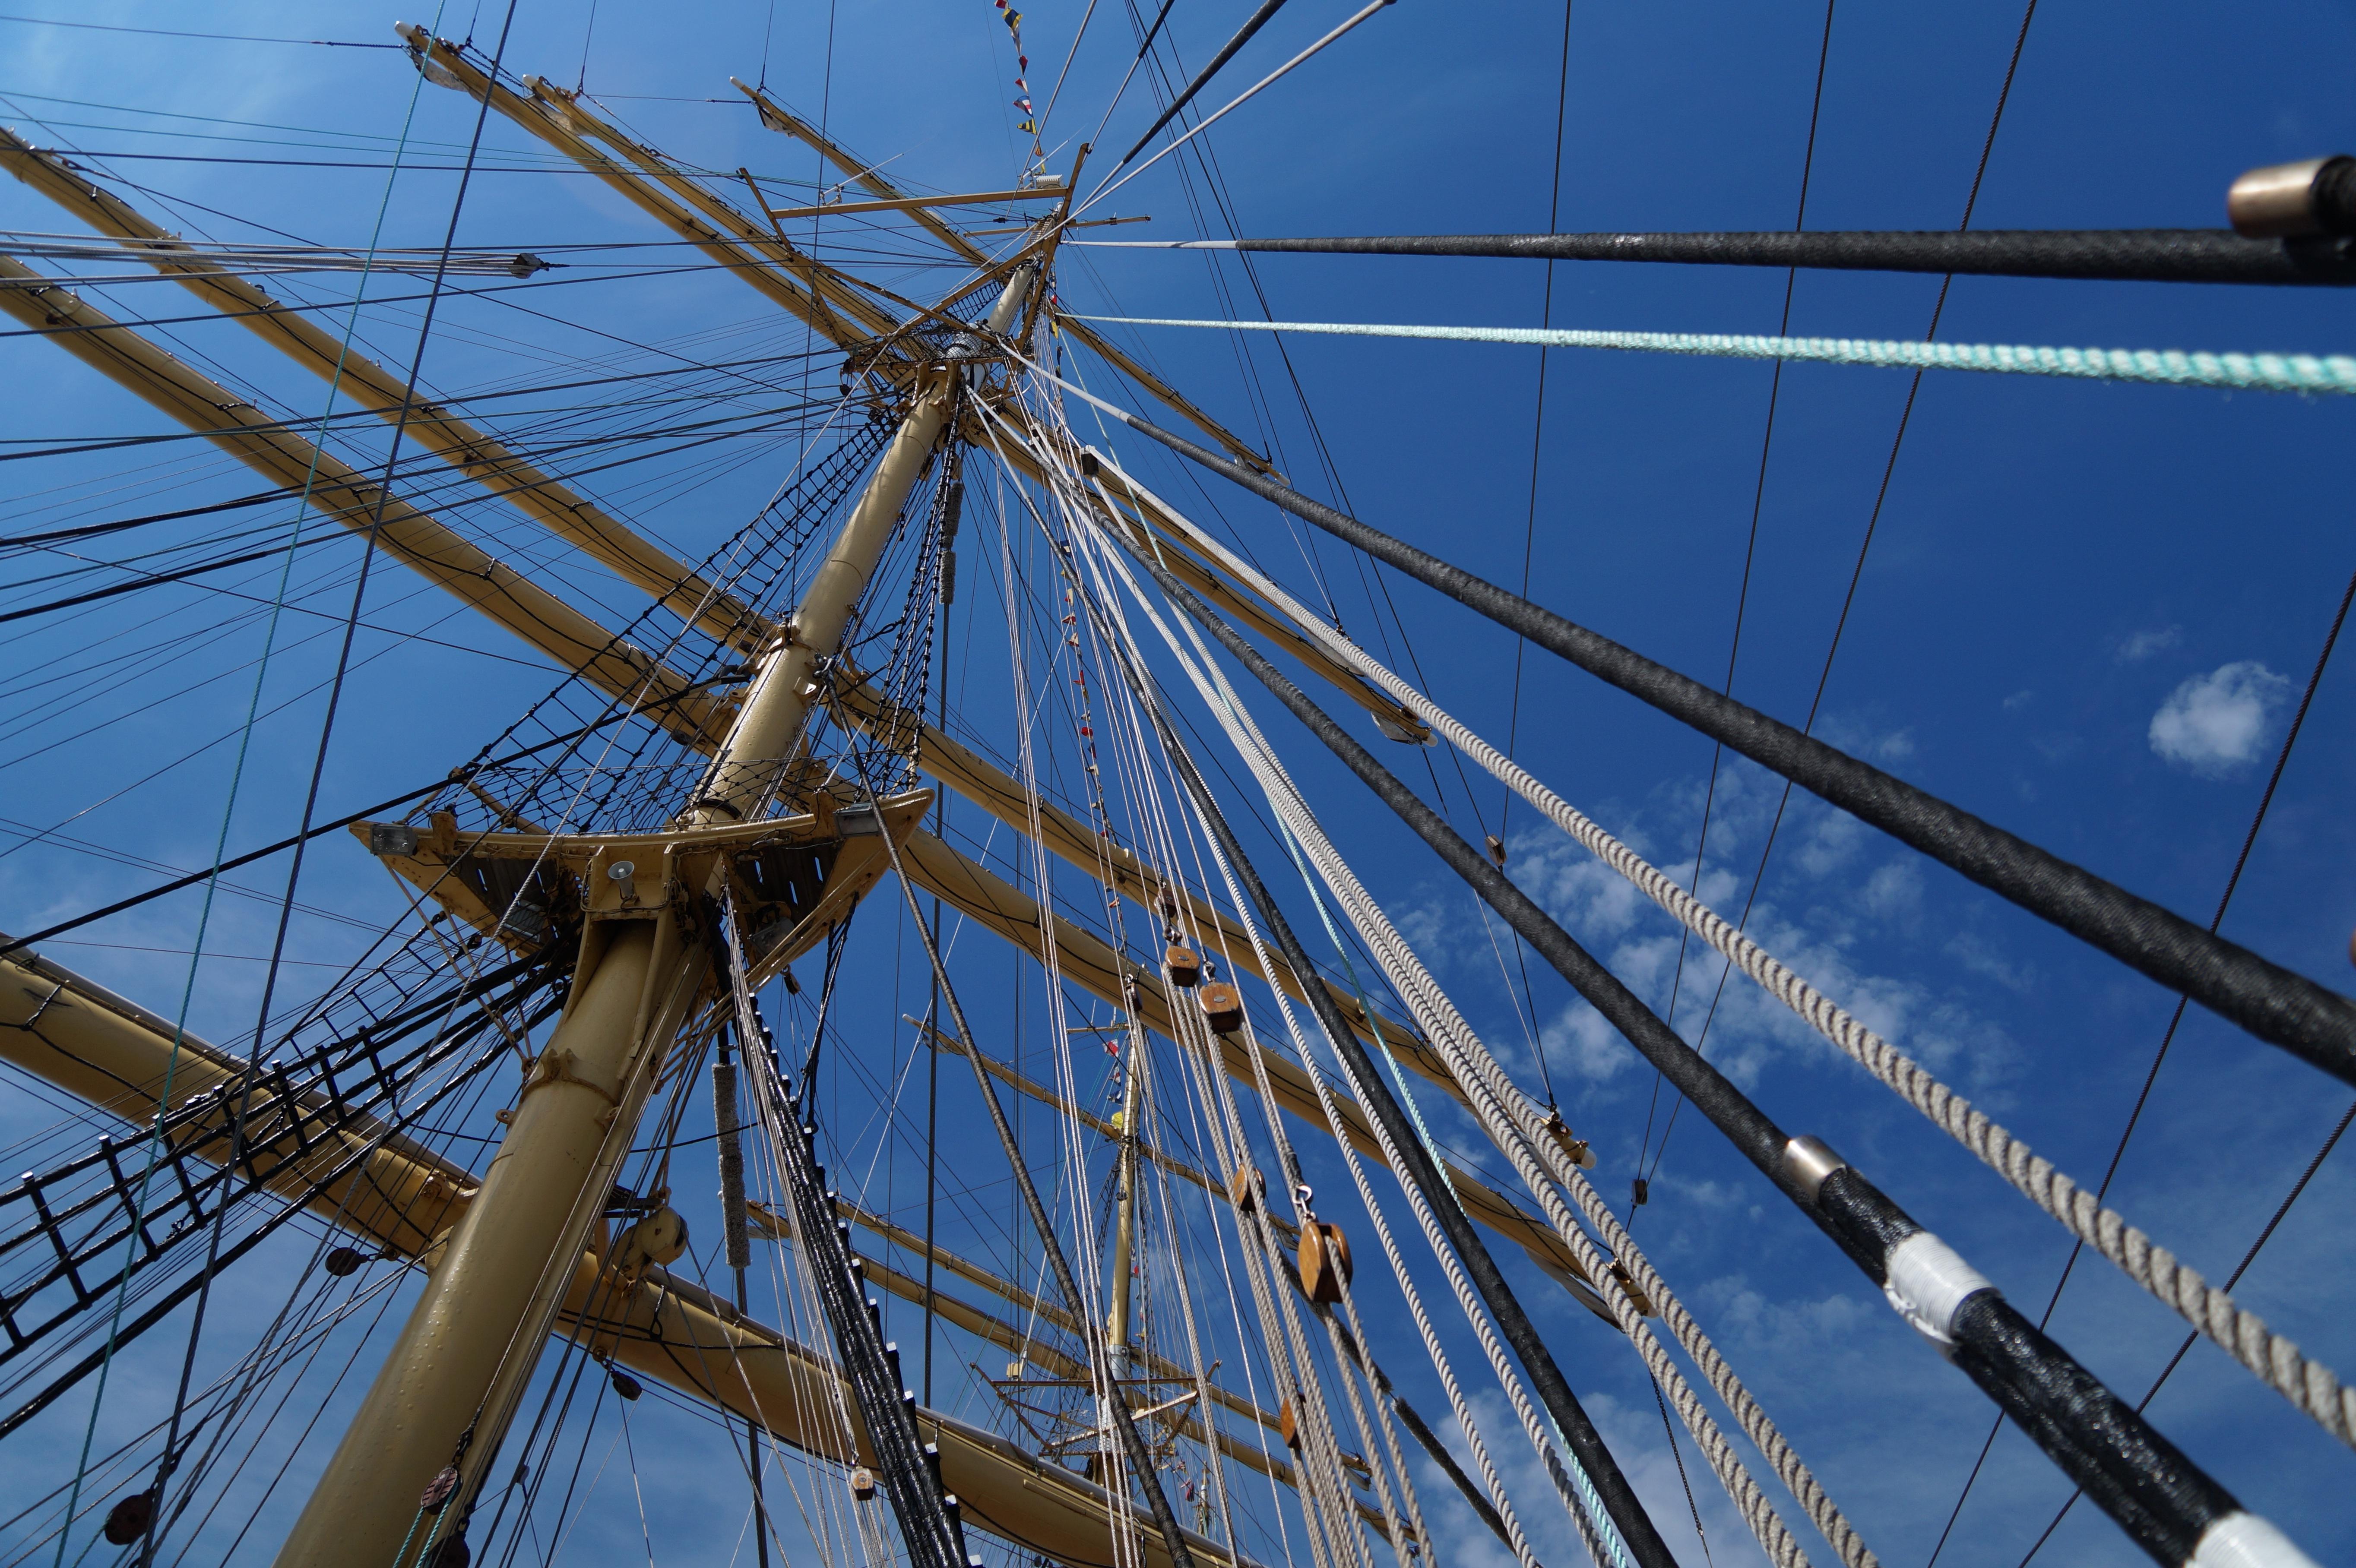 Картинка мачта корабля